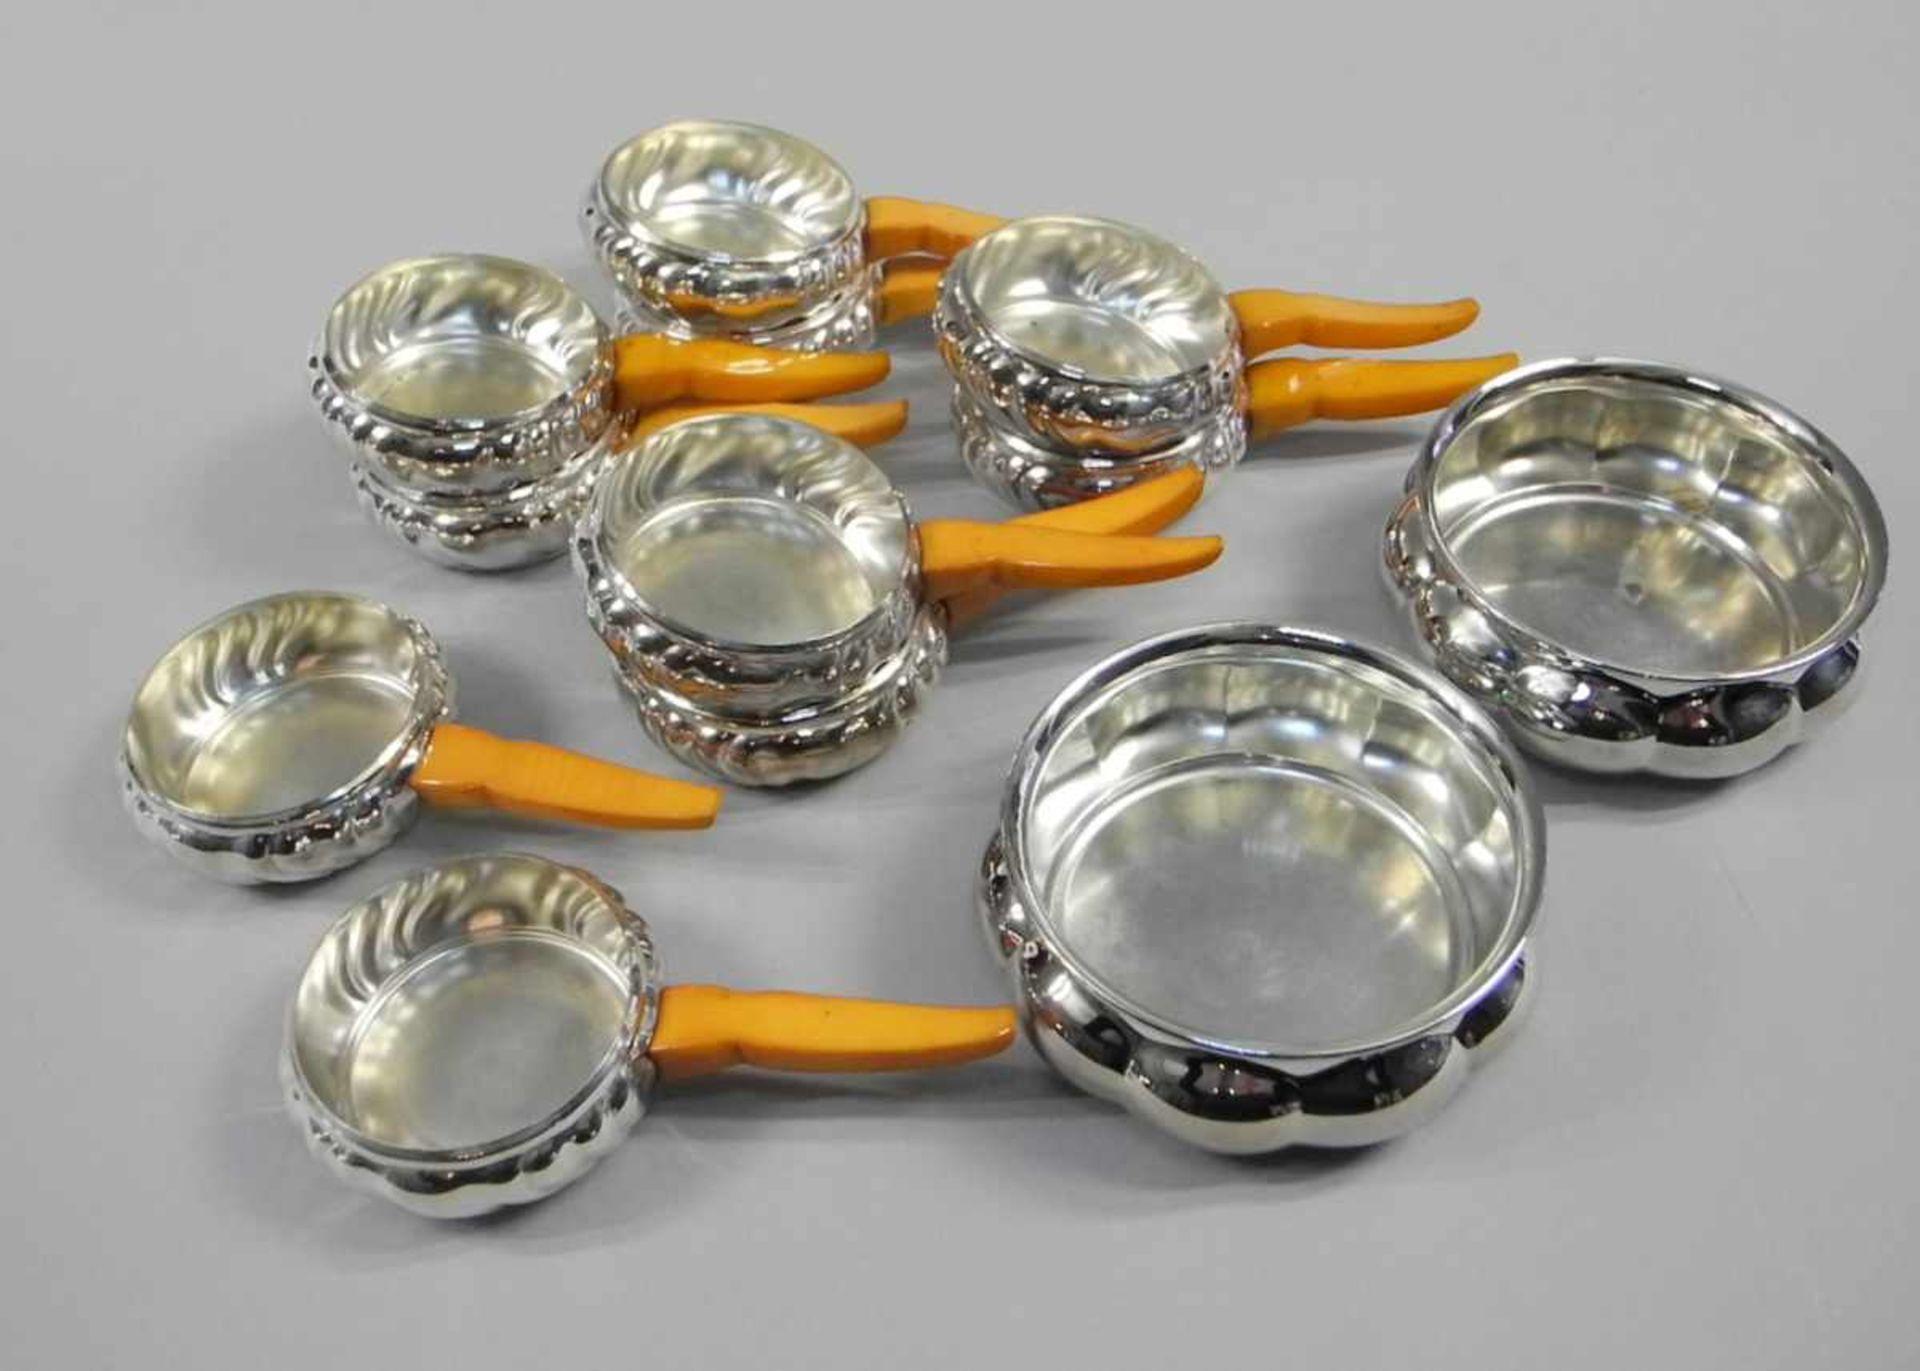 Los 2 - 10 Stielpfännchen und 2 Silber-RundtöpfchenStielpfännchen Silber plated, am Boden mit Marke der